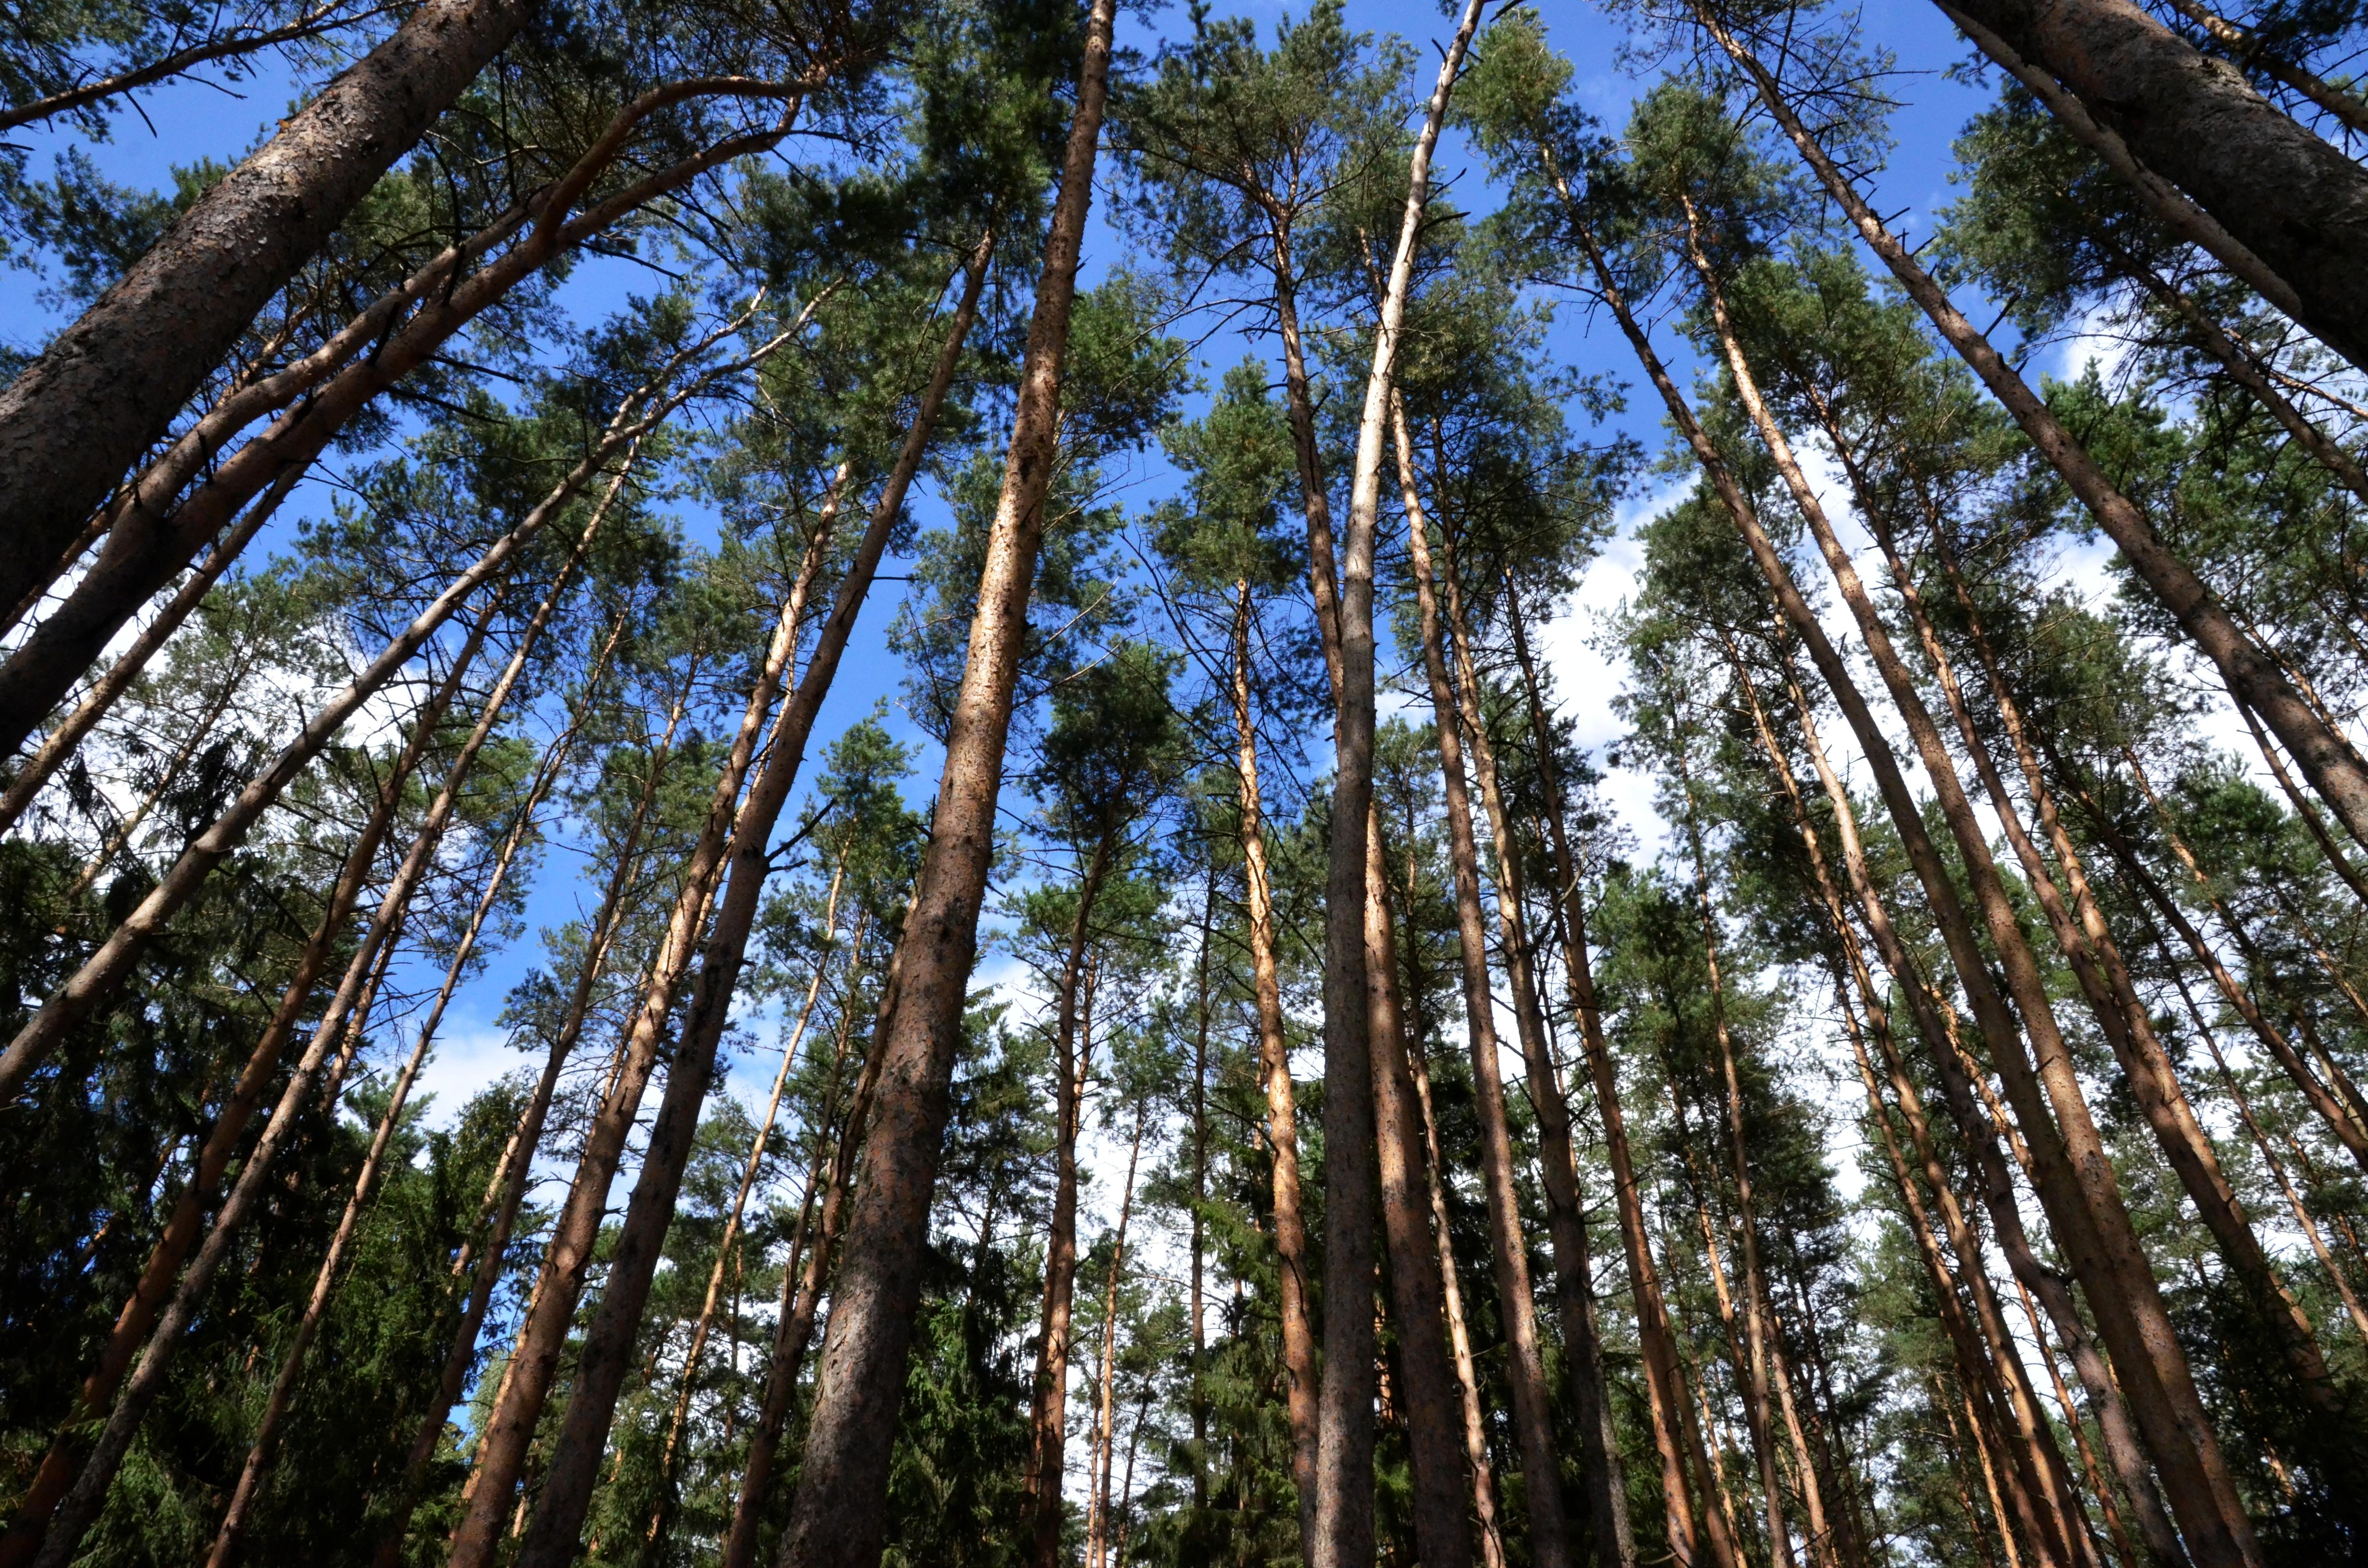 Процесс благоустройства парка «Говоровский лес» осмотрел мэр Москвы